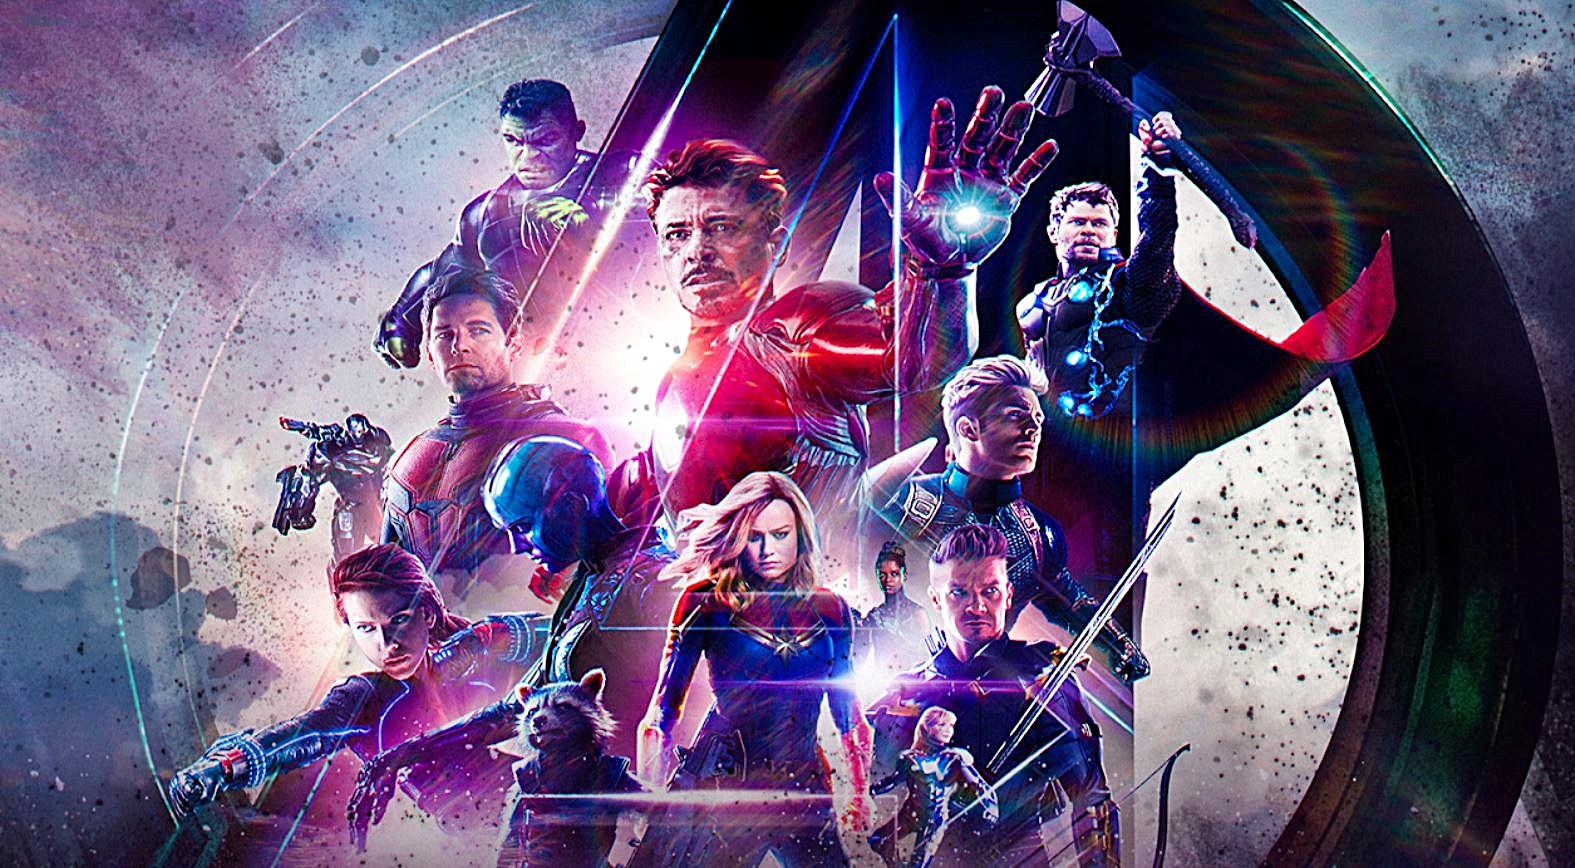 Pozvánka do kina: Avengers Endgame